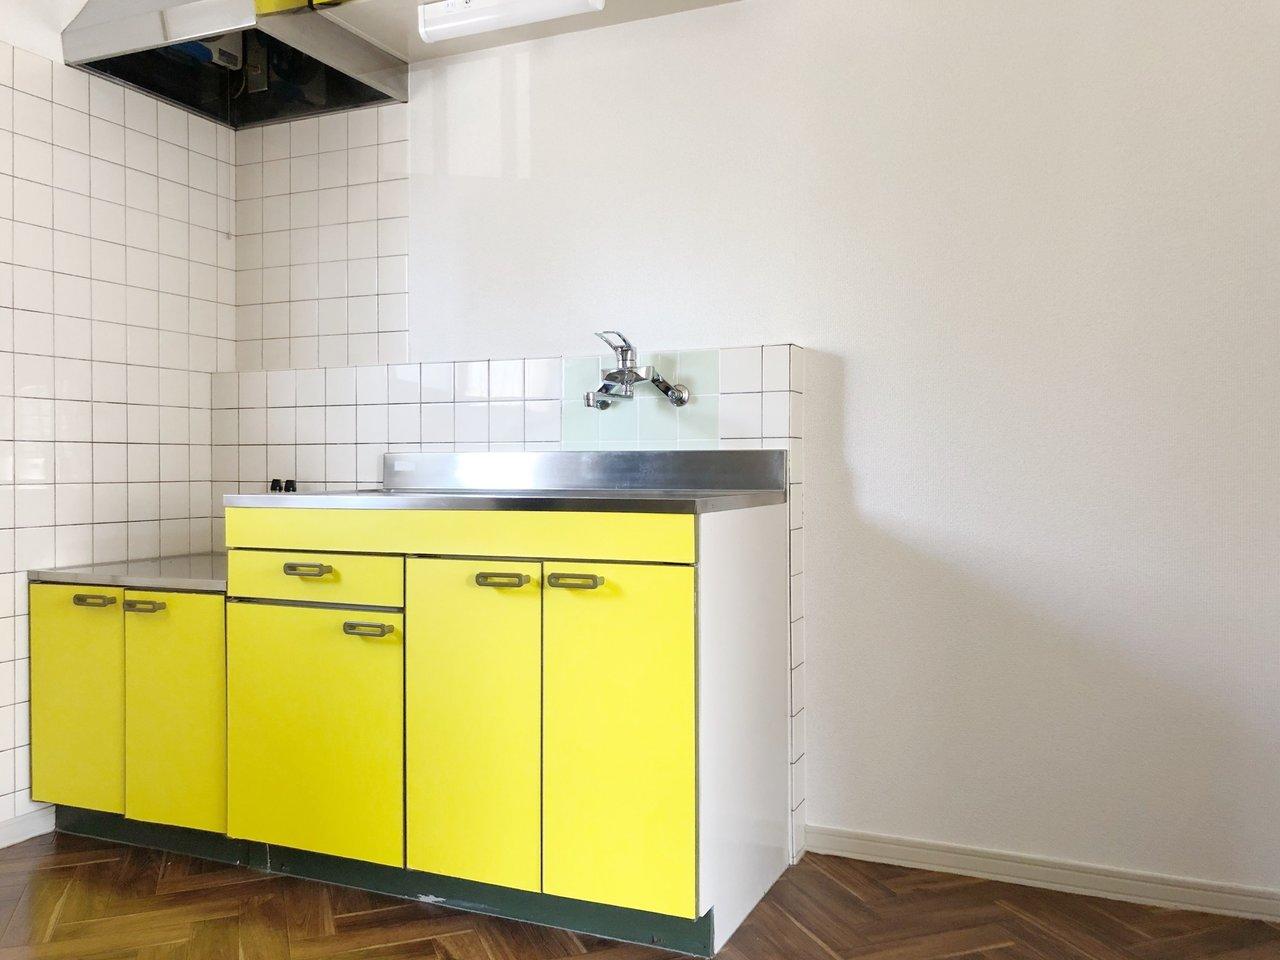 キッチンはビタミンカラーのイエロー